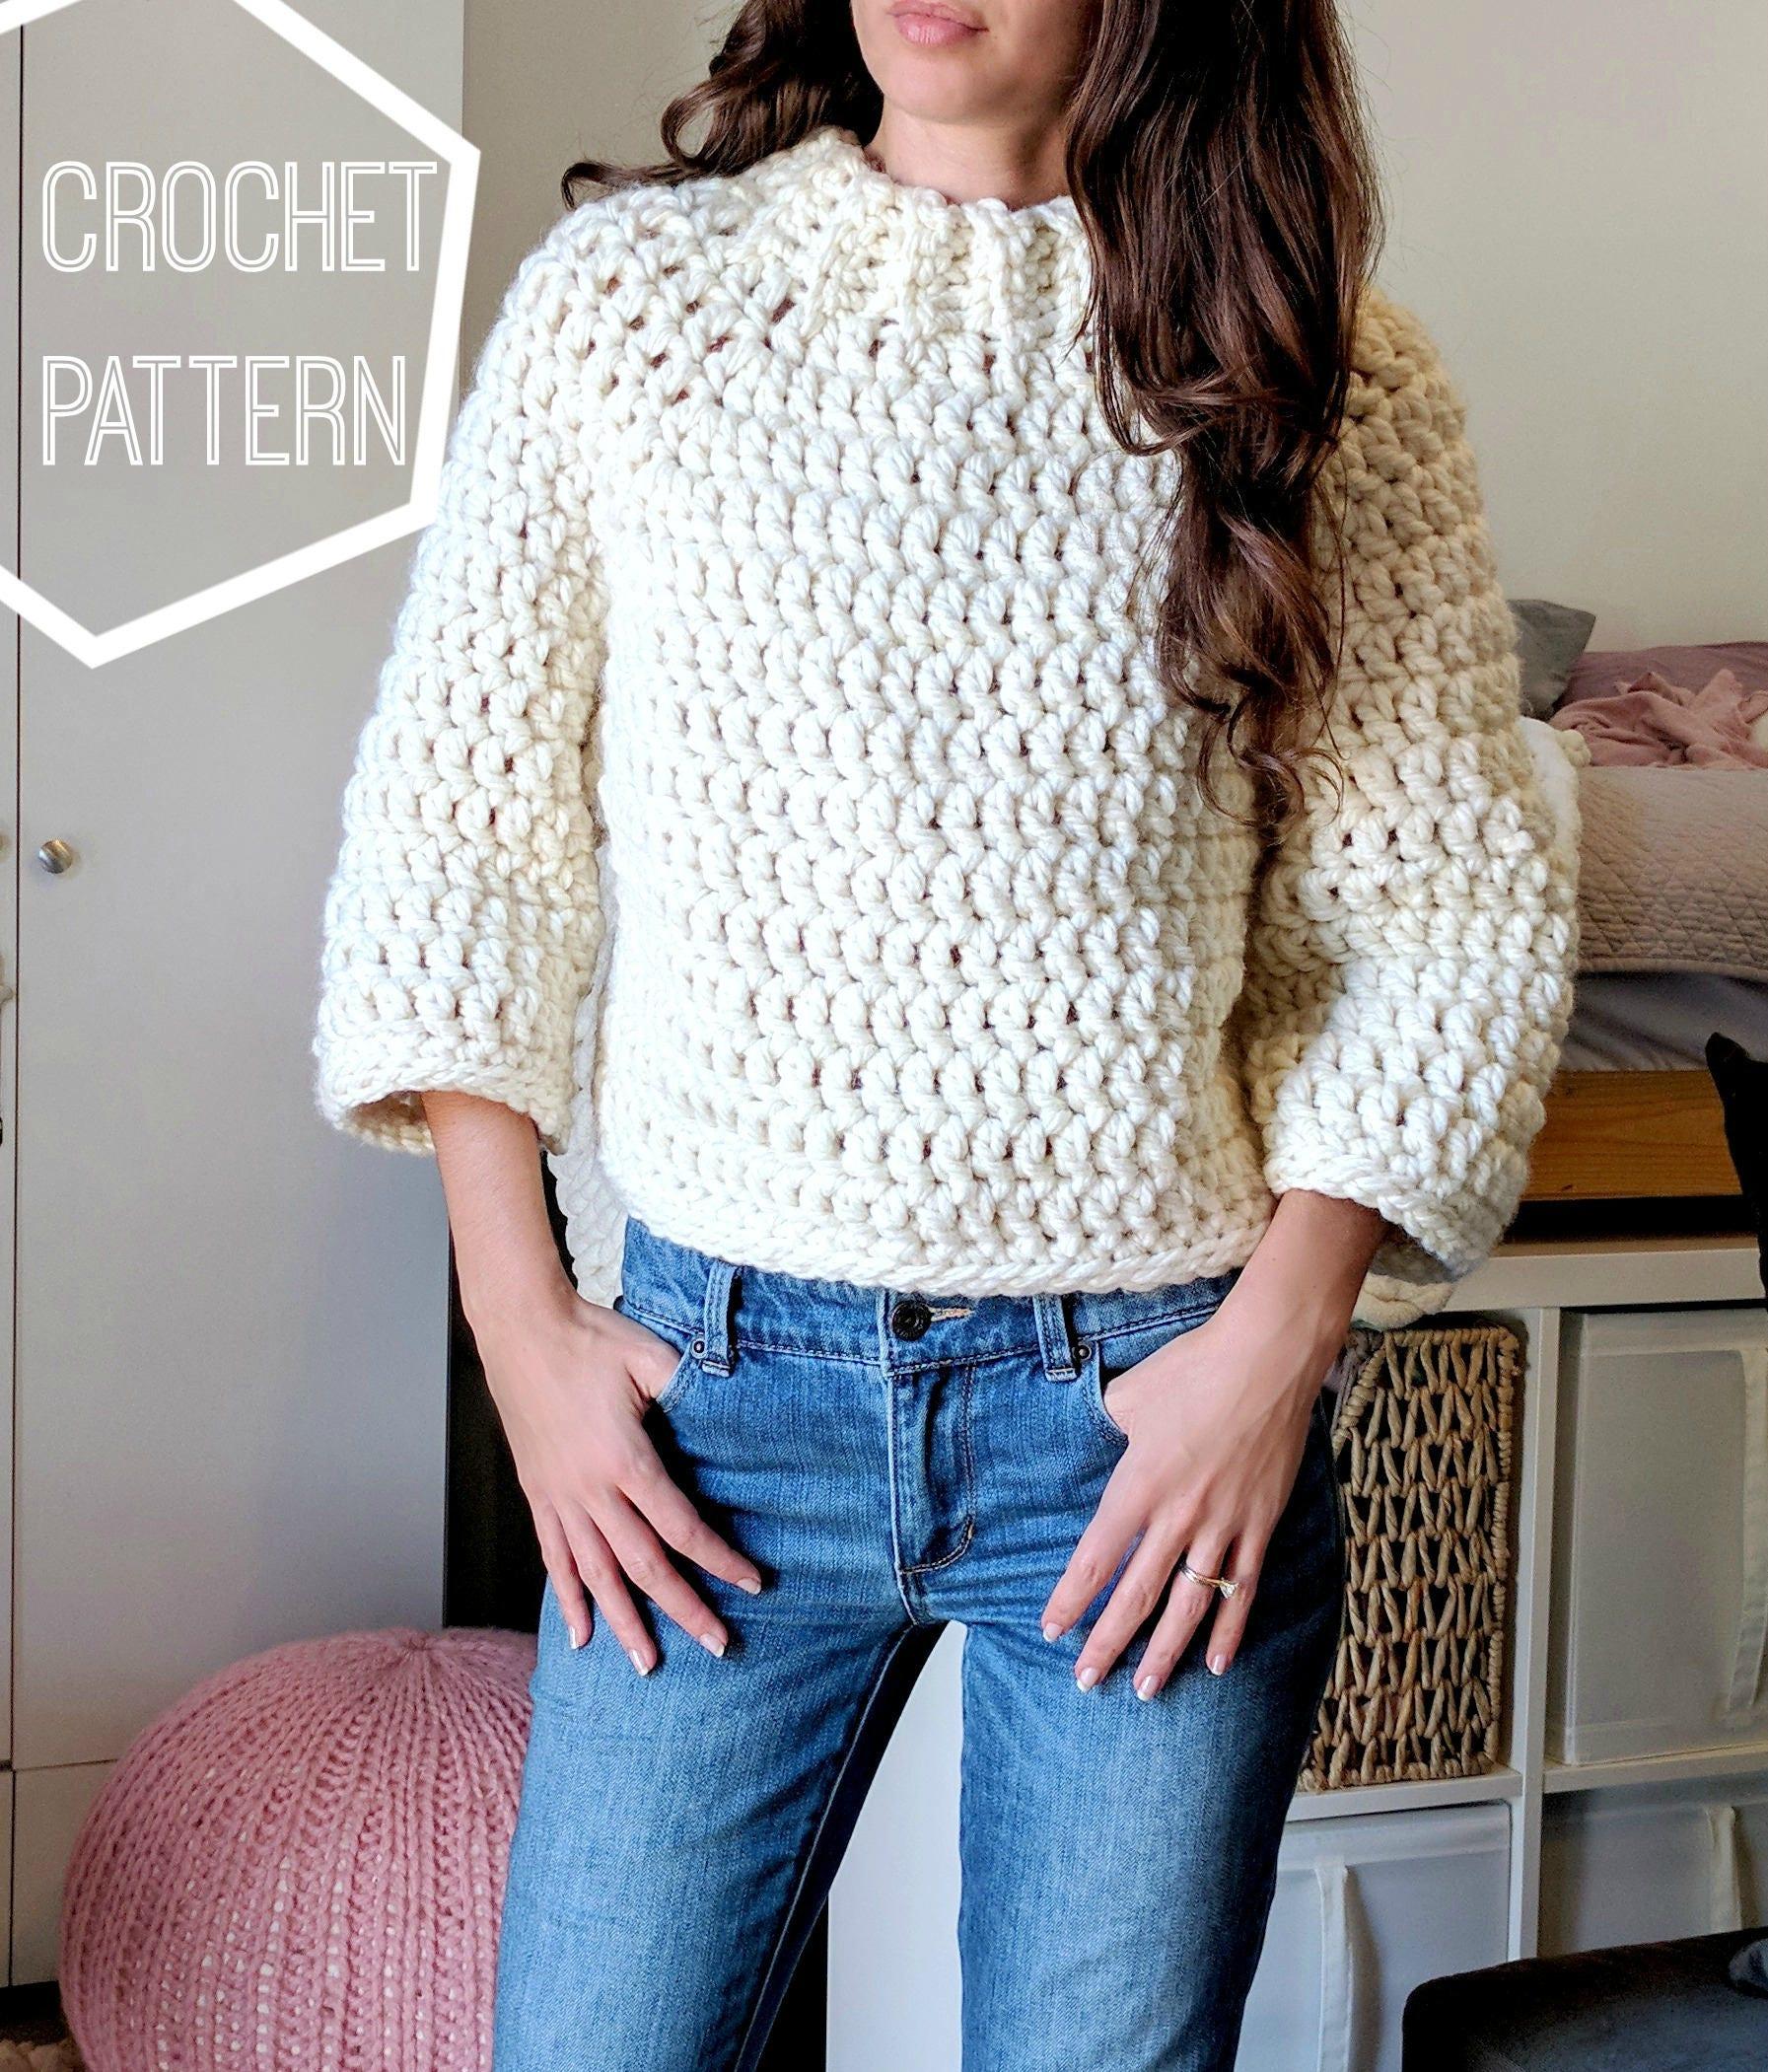 Chunky Crochet Sweater Pattern, Crochet Cropped Sweater, Crochet ...